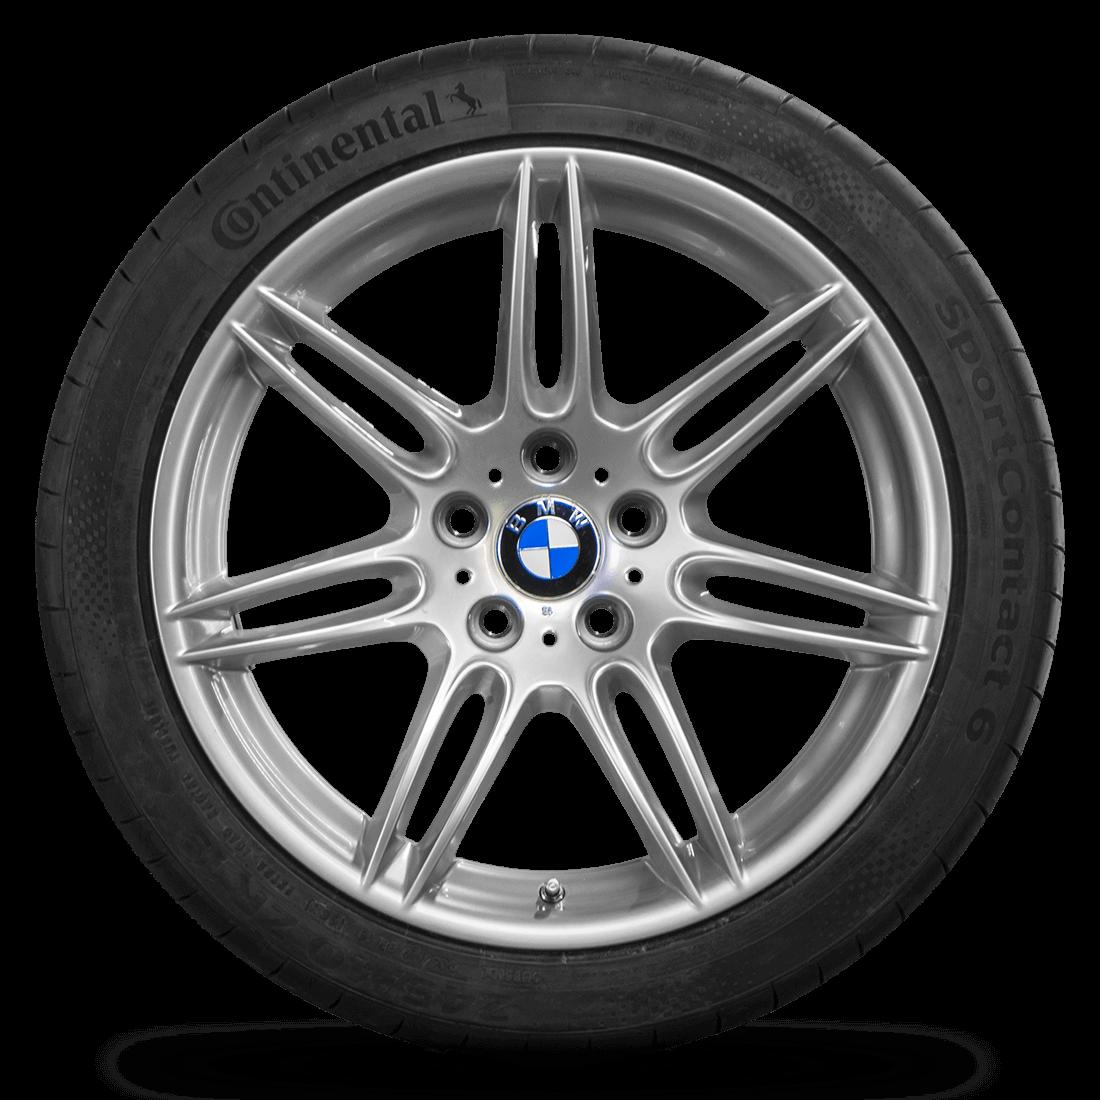 BMW 6er E63 E64 19 Zoll Sommerreifen Styling 288 Alufelgen Felgen 7841375